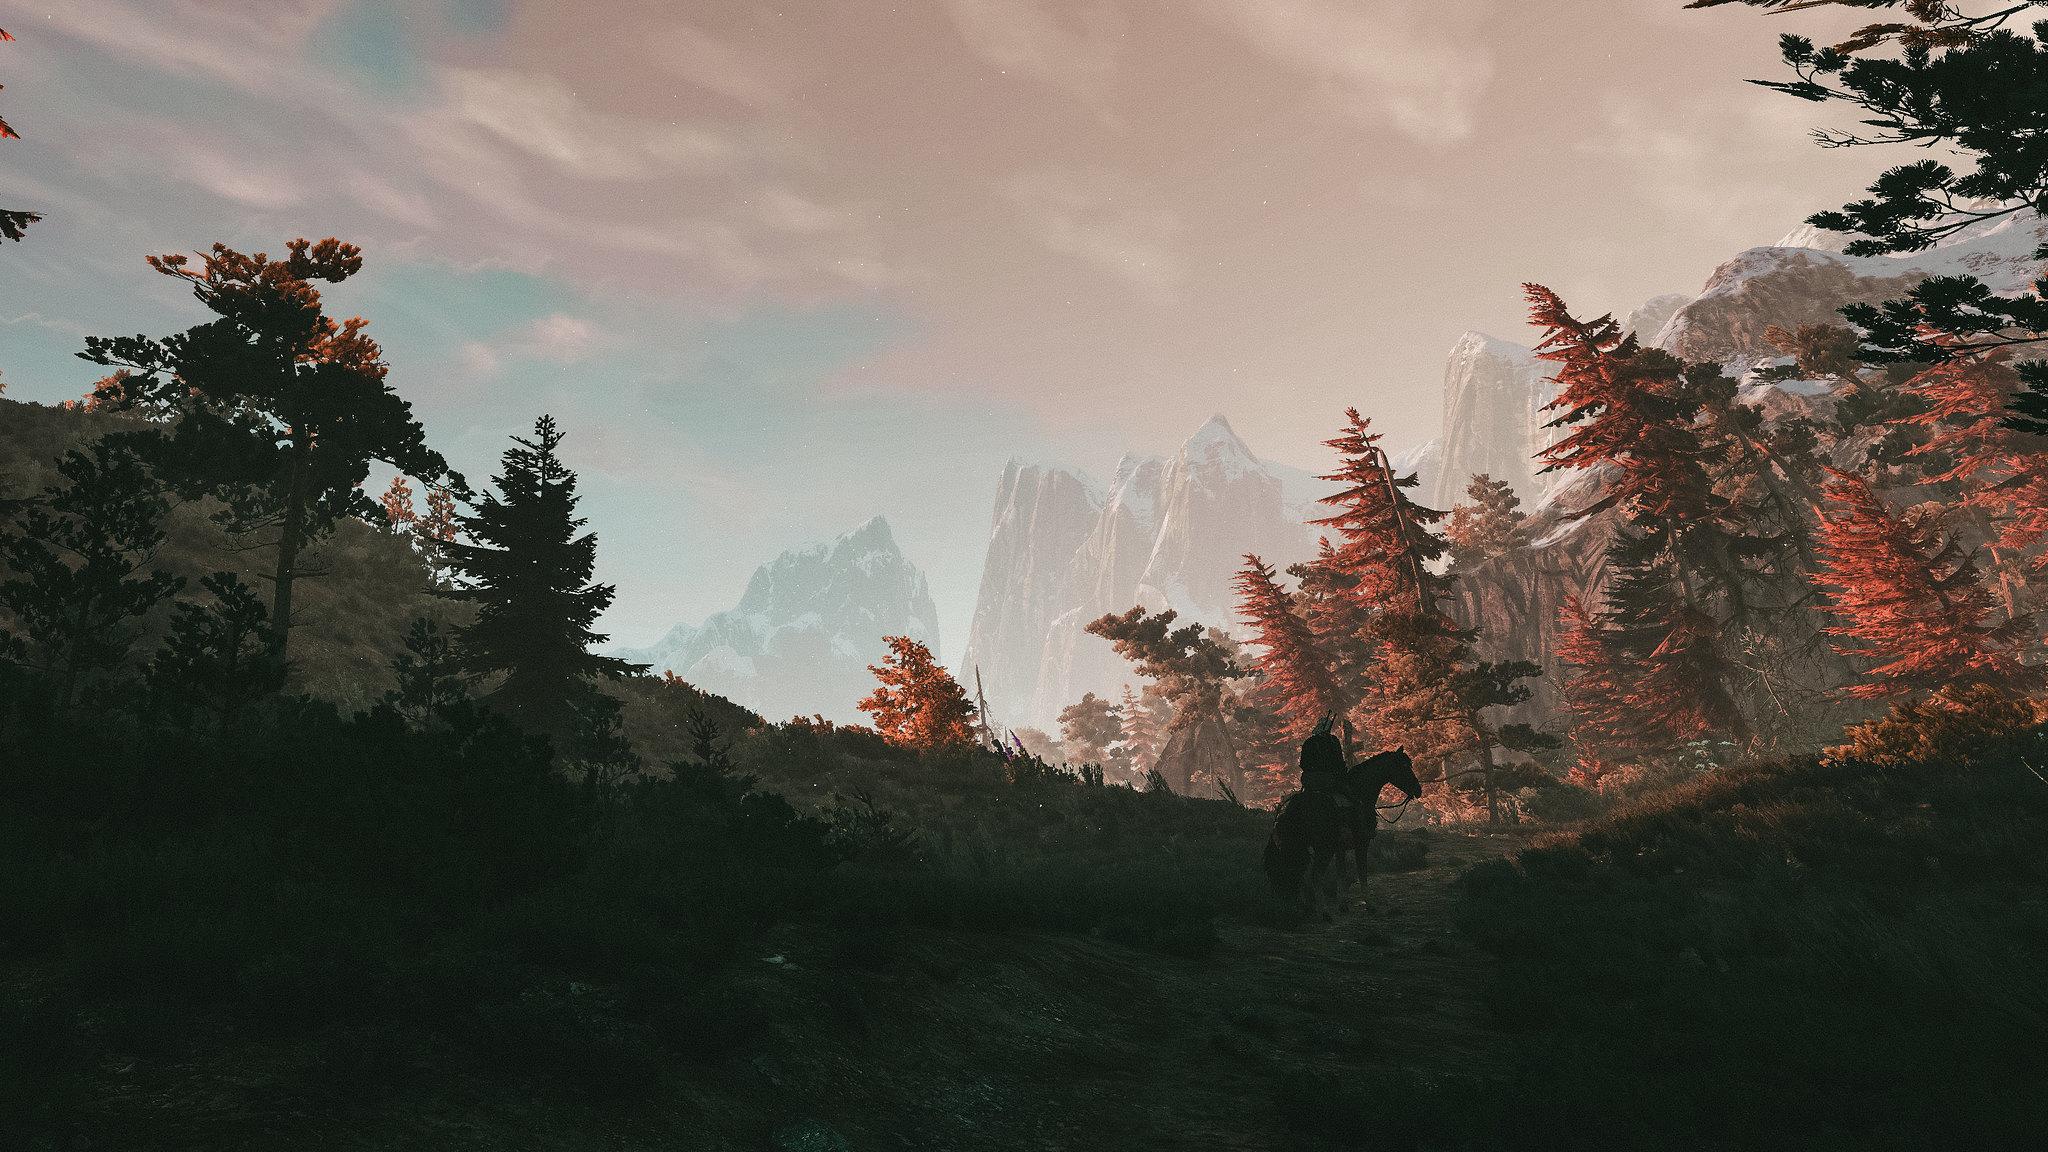 27109390966_8c6bbd40ec_k.jpg - The Witcher 3: Wild Hunt